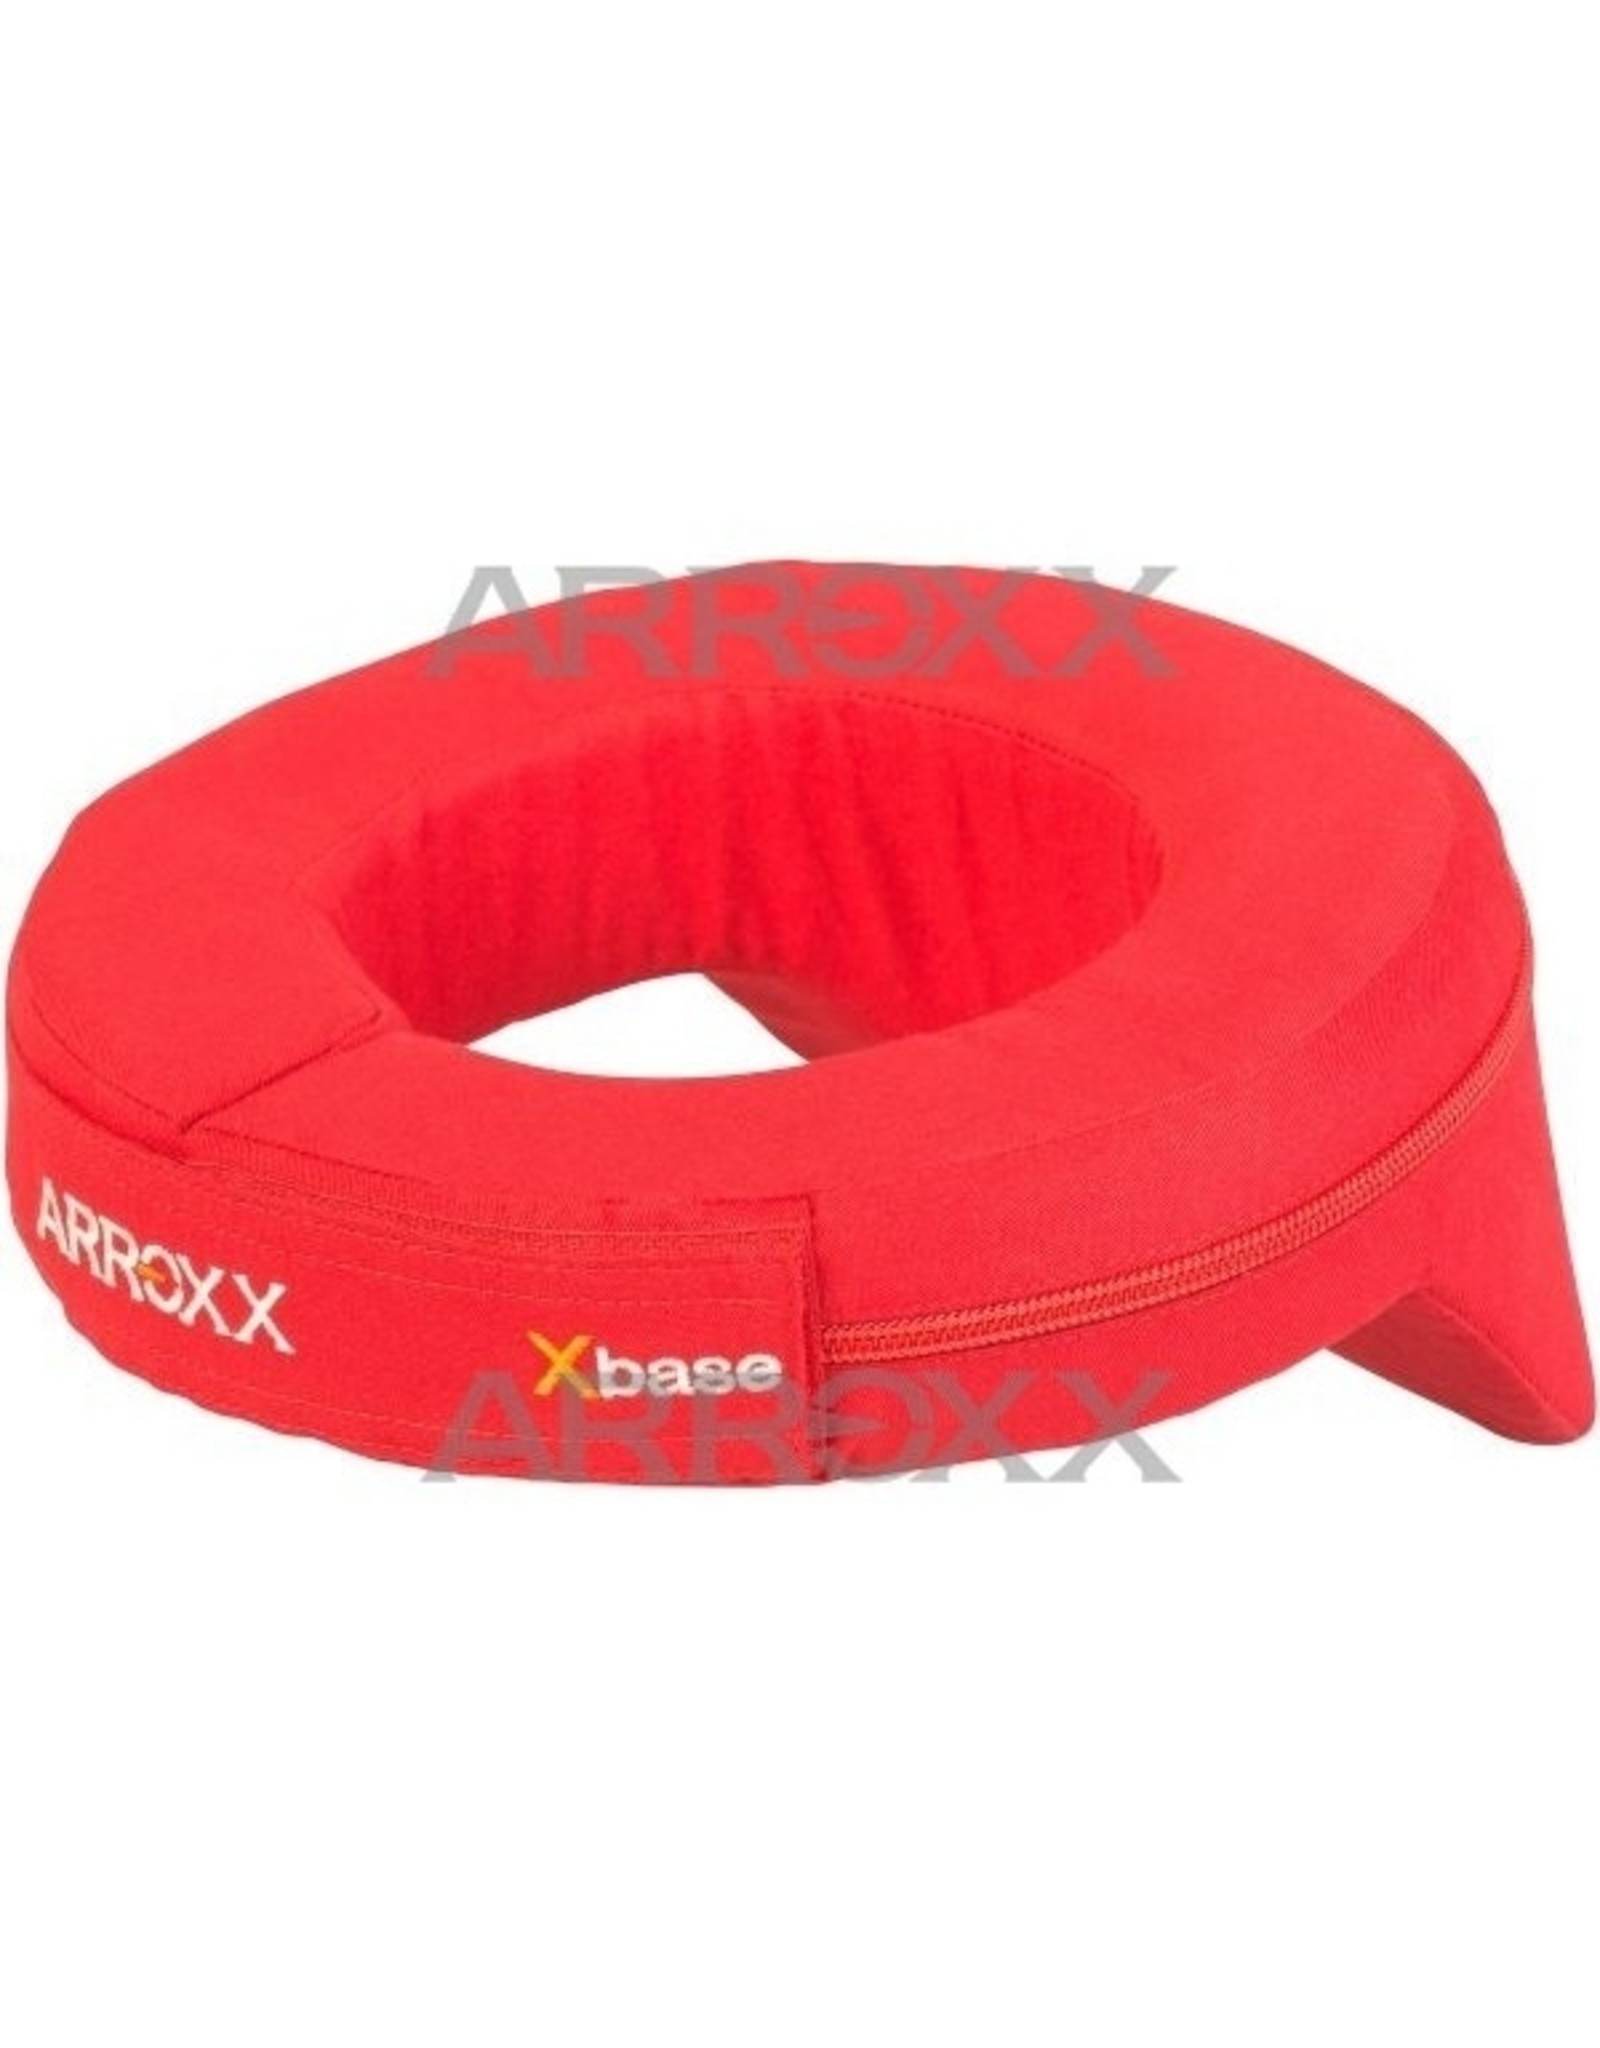 Arroxx Arroxx neckprotector Xbase rood